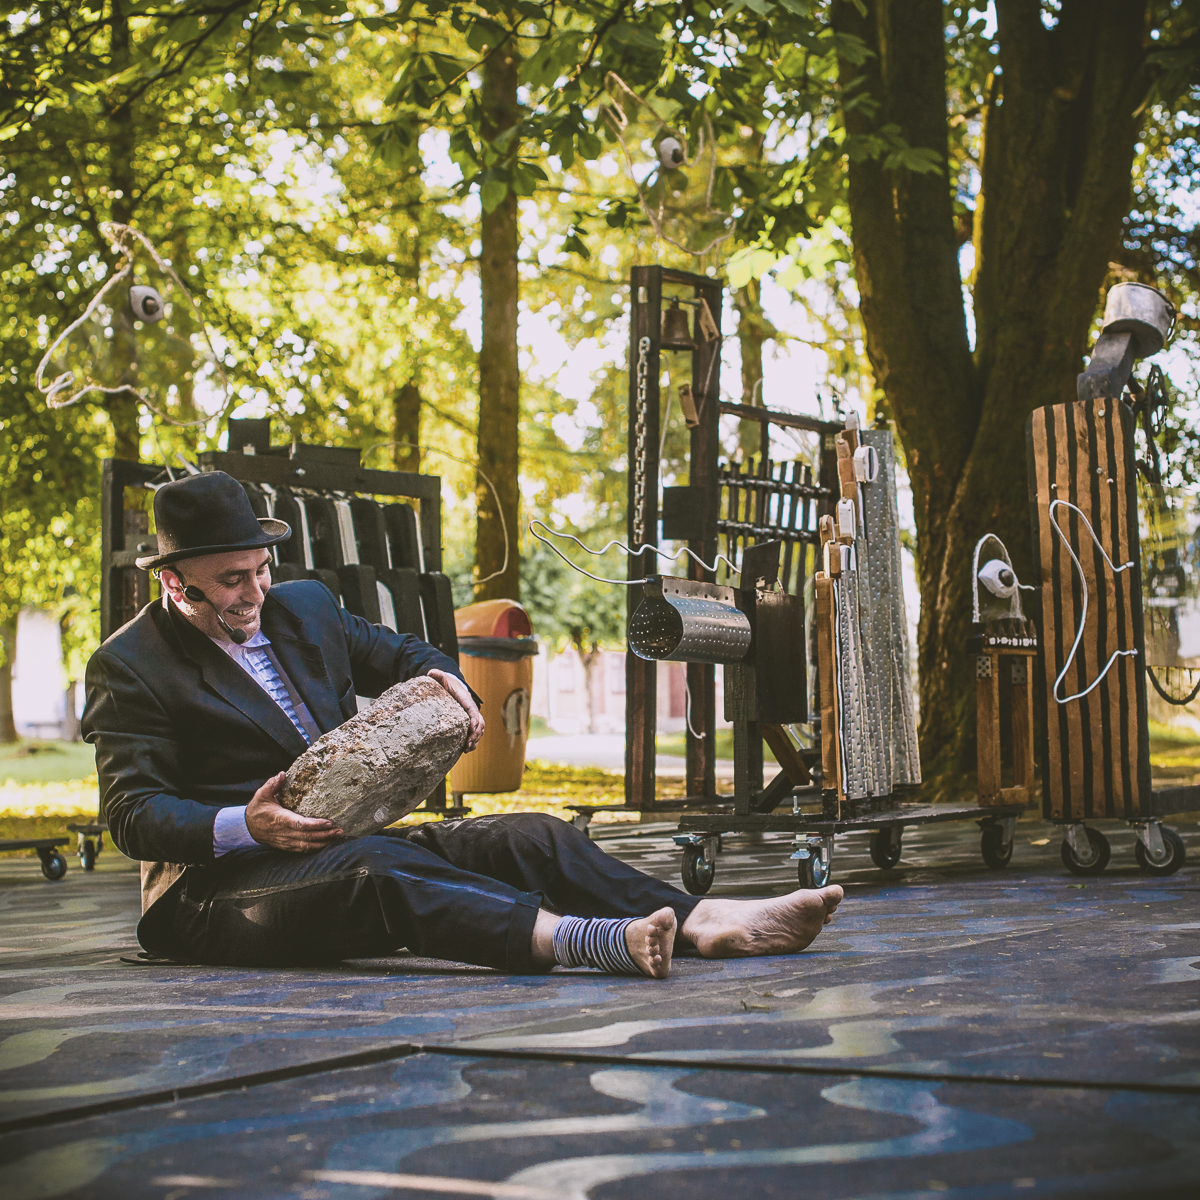 wertep_weekendpierwszy_-11 fot. Piotr Chlipalski